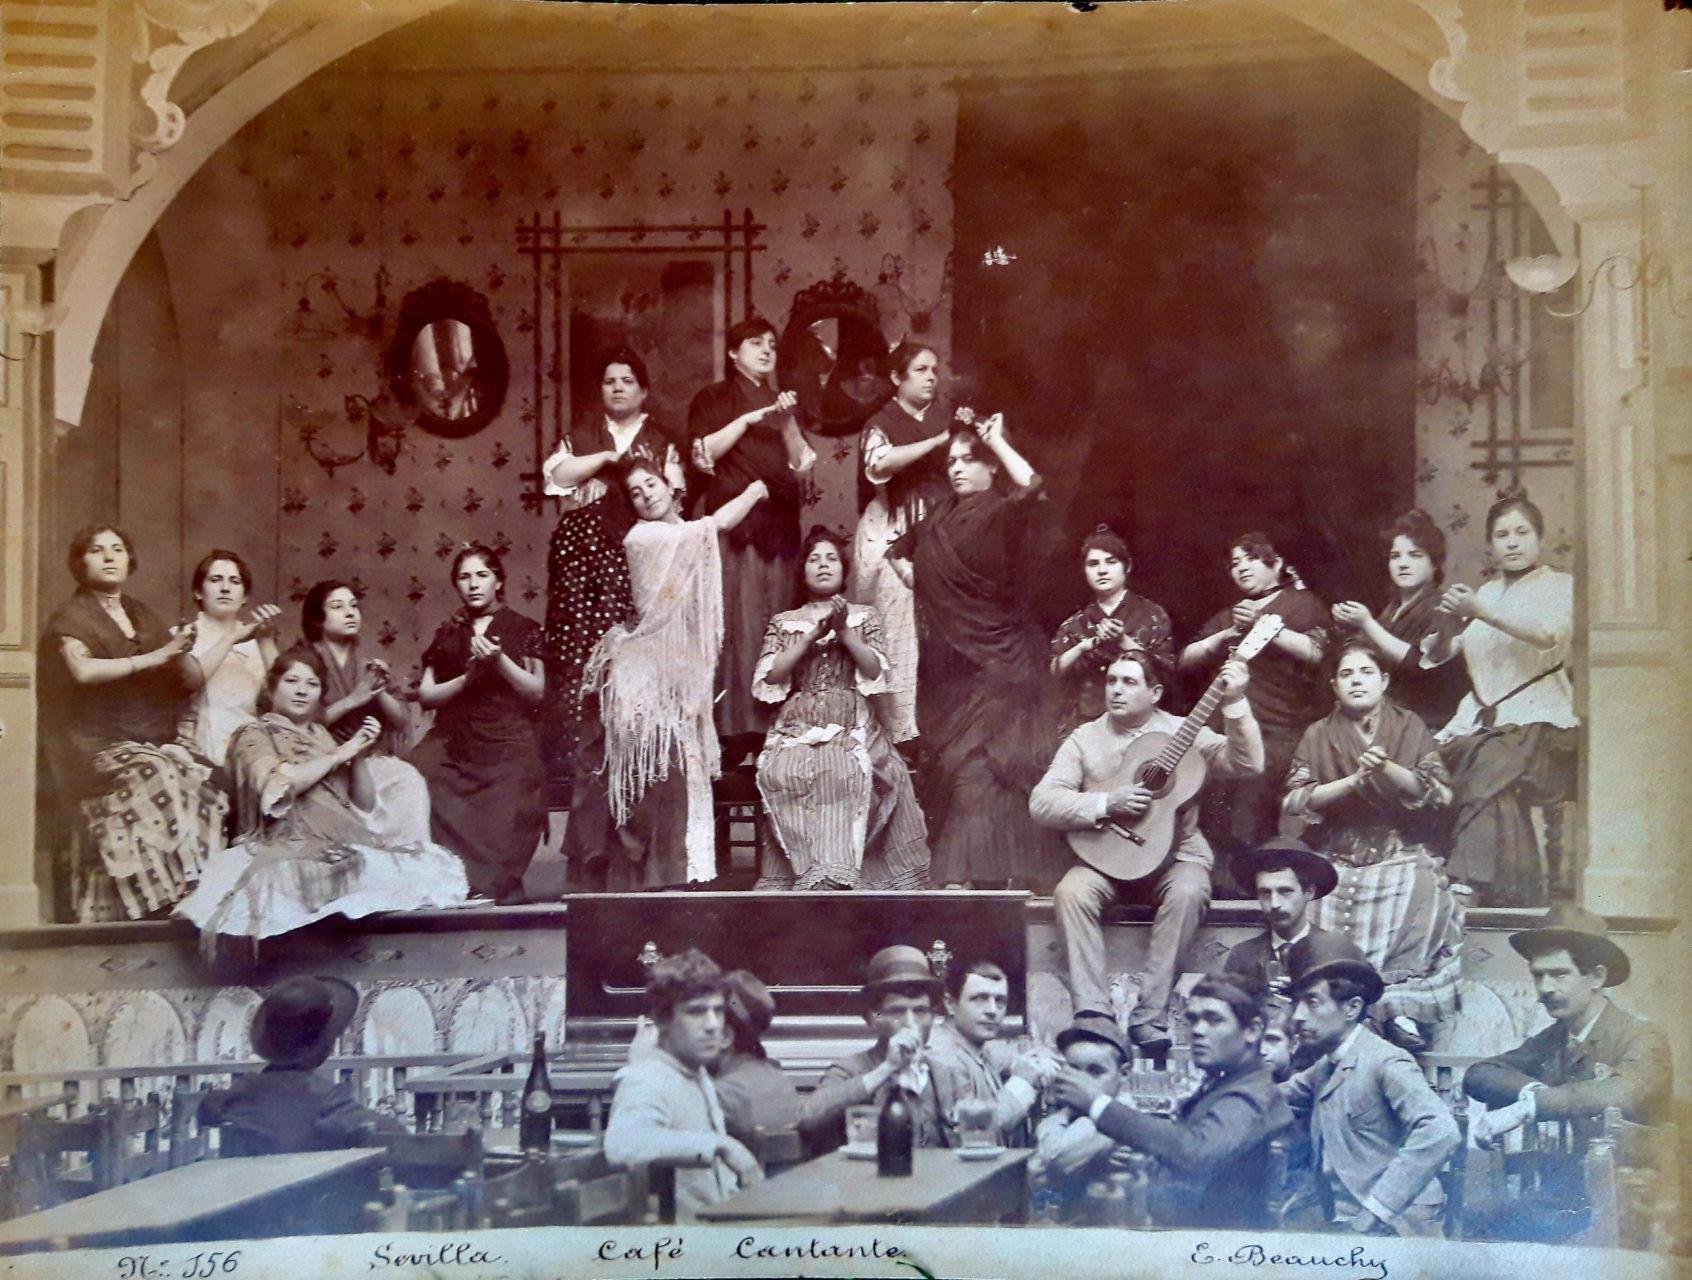 Beauchyphoto_Cafe_Cantante_Nº156_Emilio_Beauchy_Cano_fotografias_antiguas_postales_retratos_flamenco